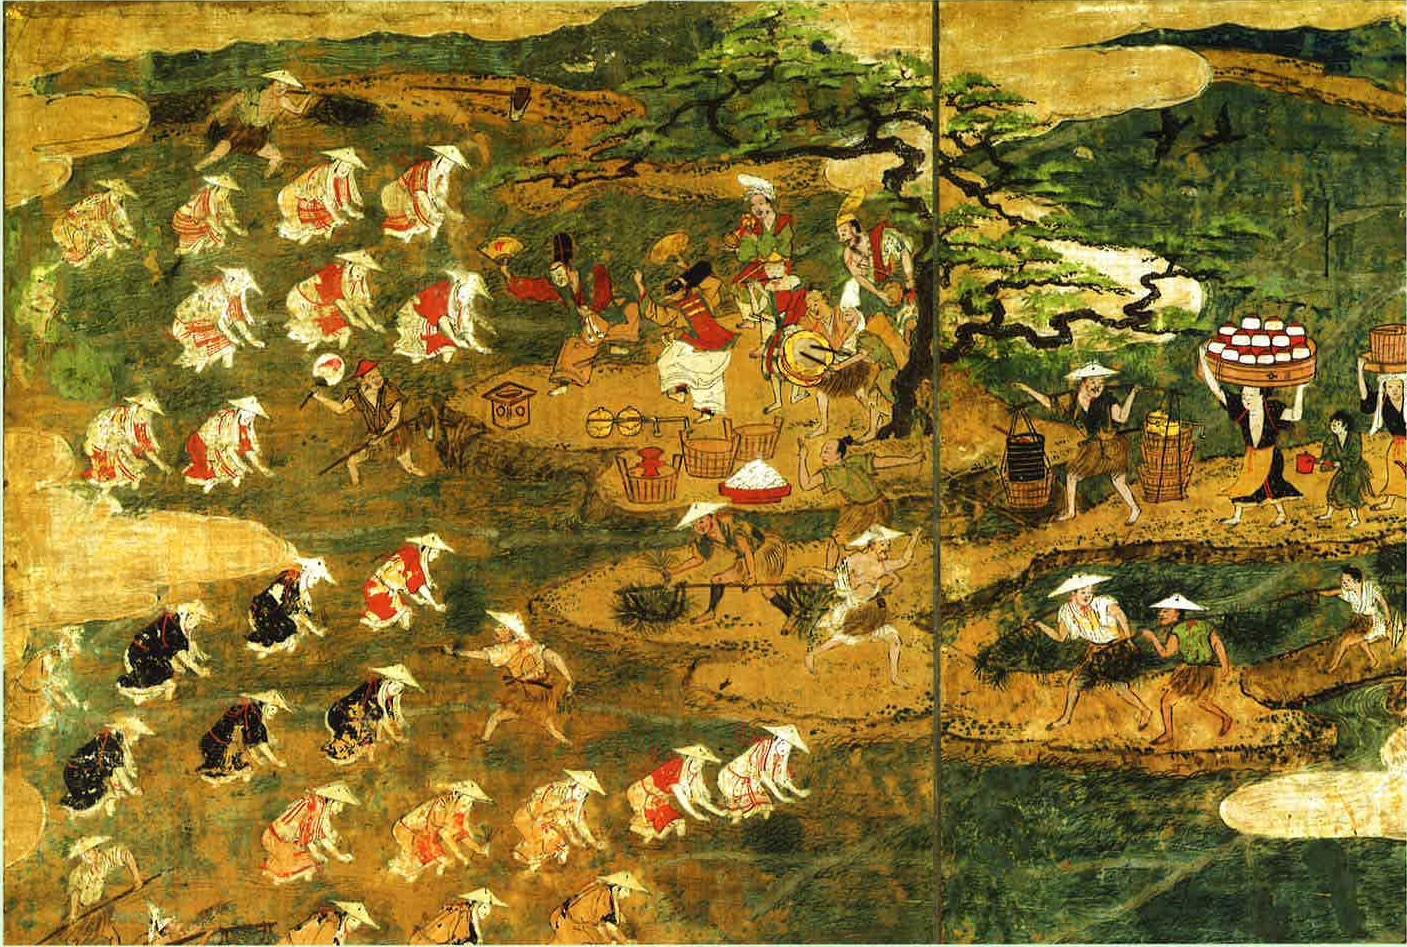 『月次風俗図屏風』16世紀